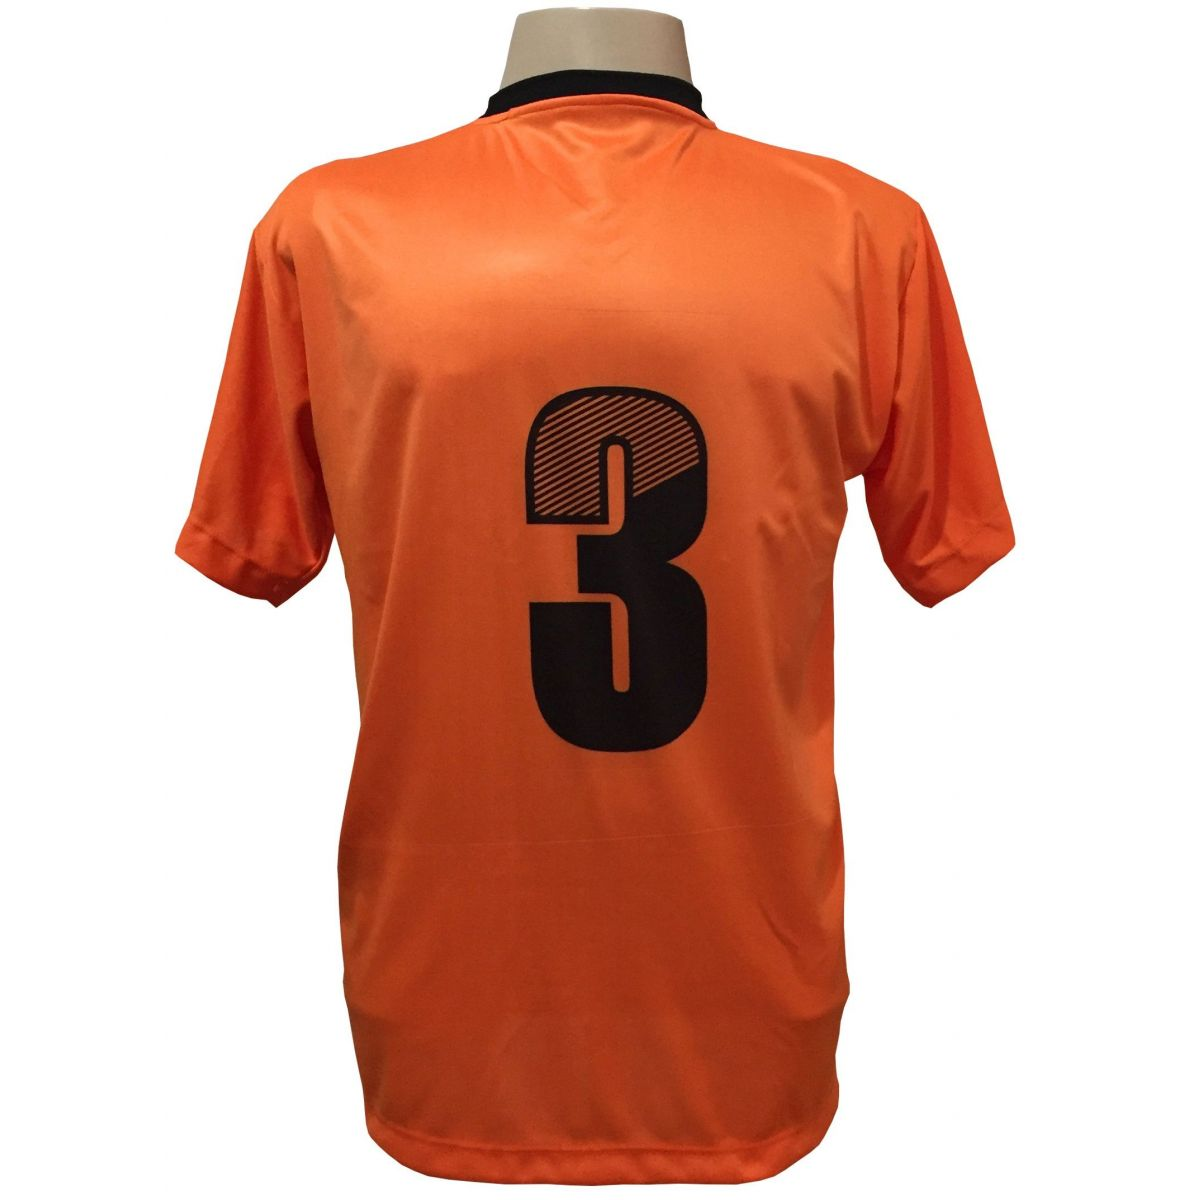 Jogo de Camisa com 20 unidades modelo Roma Laranja/Preto